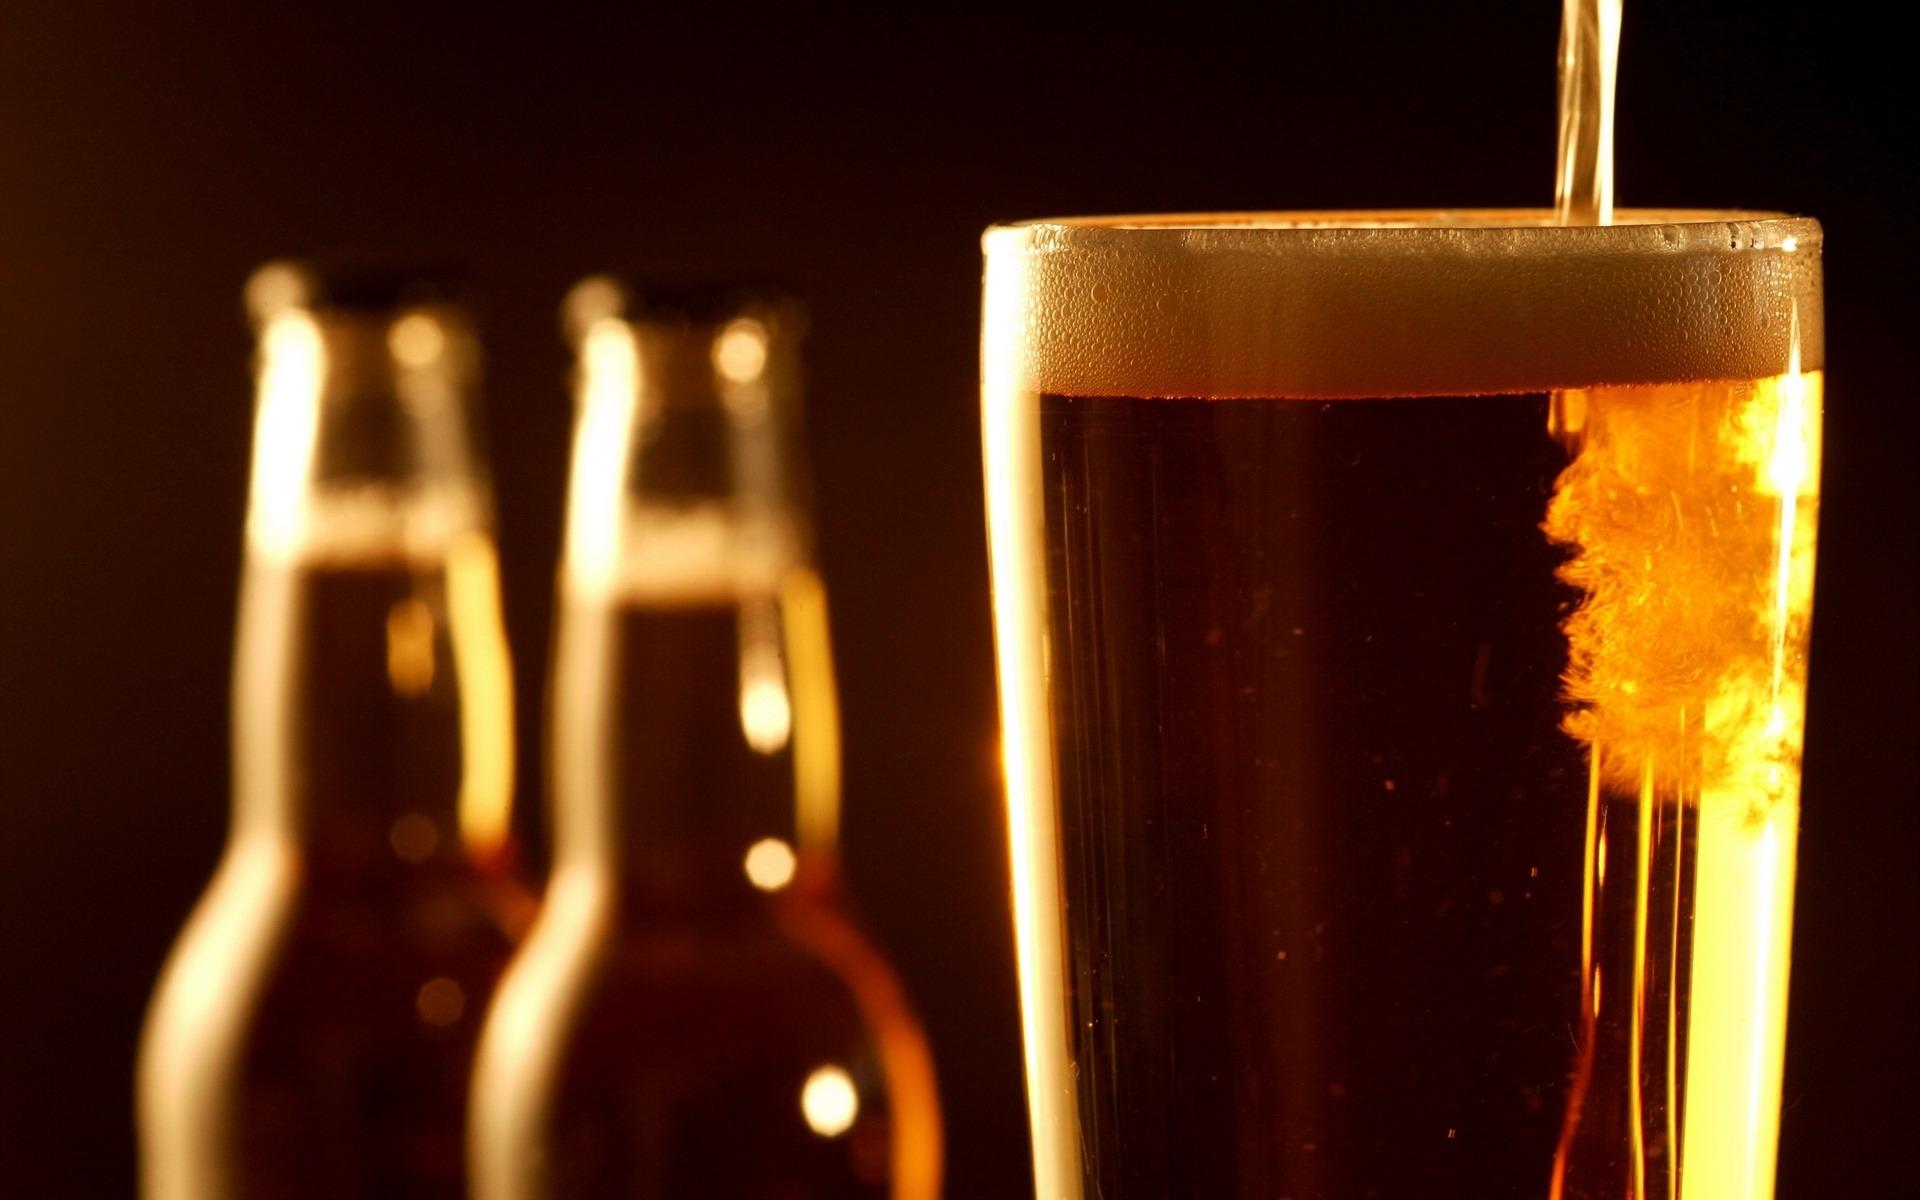 пиво, фото, обои для рабочего стола, скачать, бесплатно